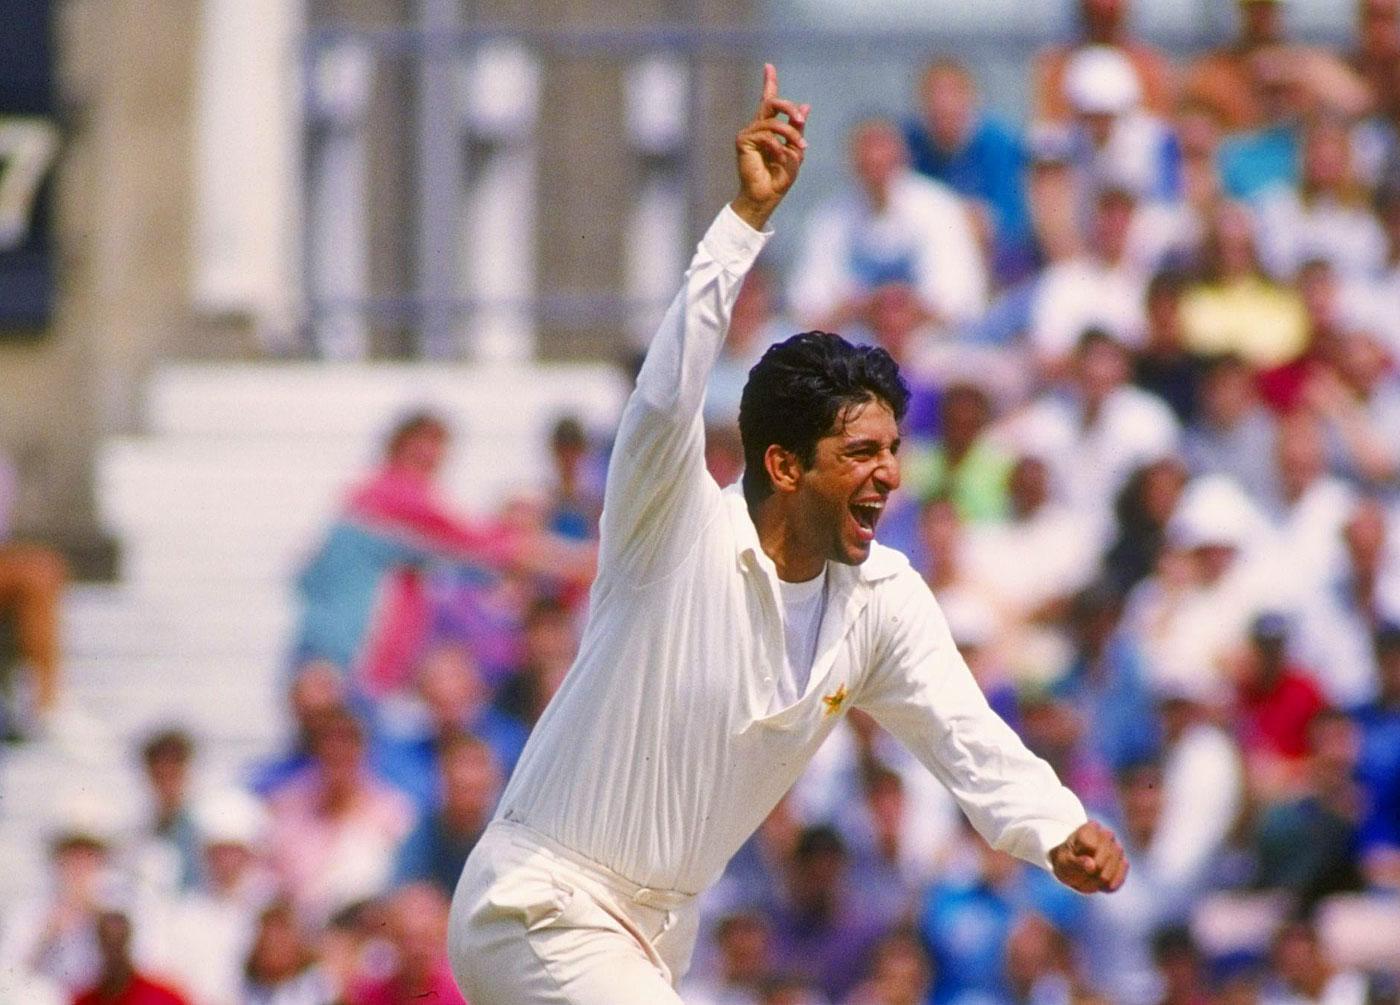 Wasim Akram celebrates a wicket